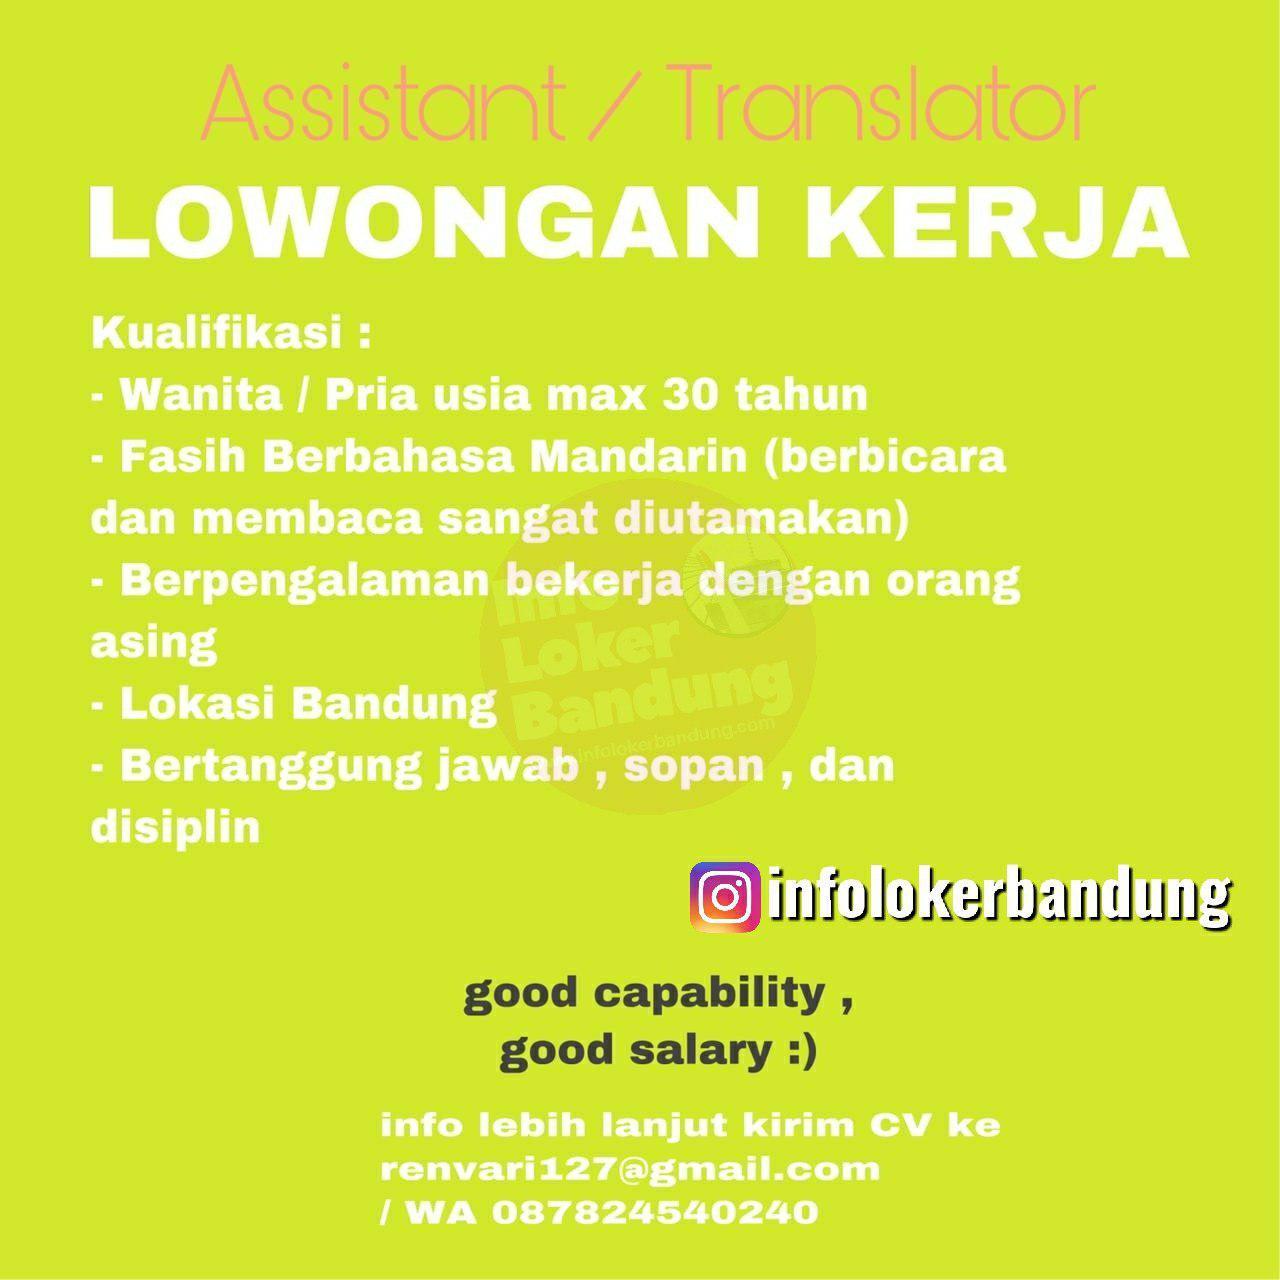 Lowongan Kerja Asistant / Translator Bandung September 2019